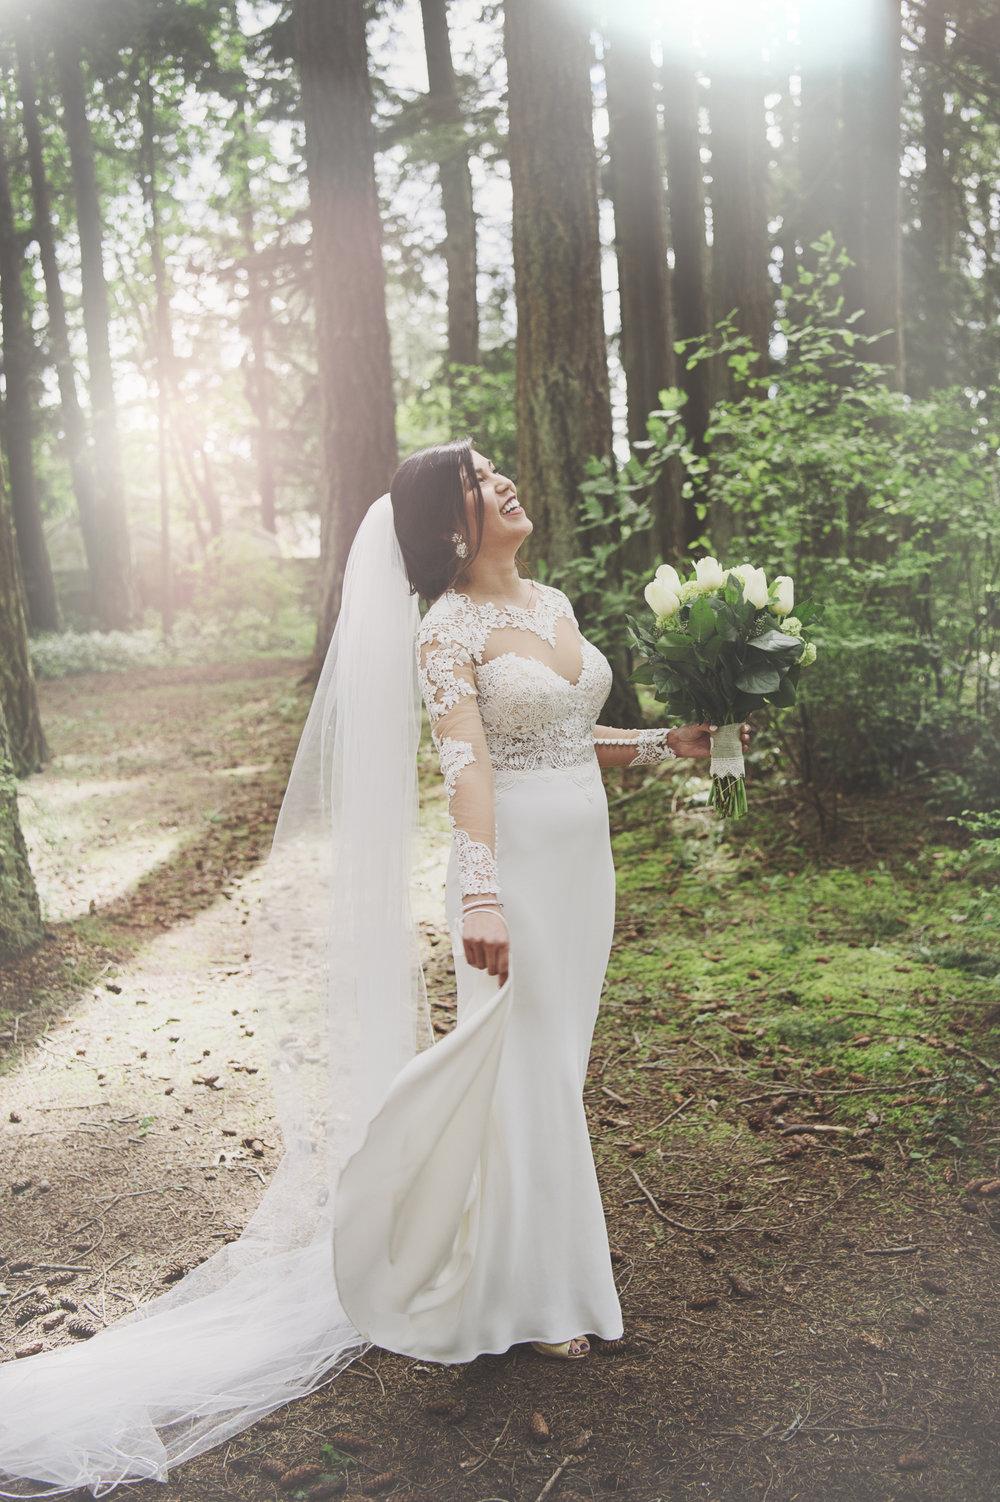 Kim La Plante + Nick Samet_Poulsbo Wedding_Kitsap Memorial Park Wedding_Kelsey Lane Photography-9308 copy.jpg